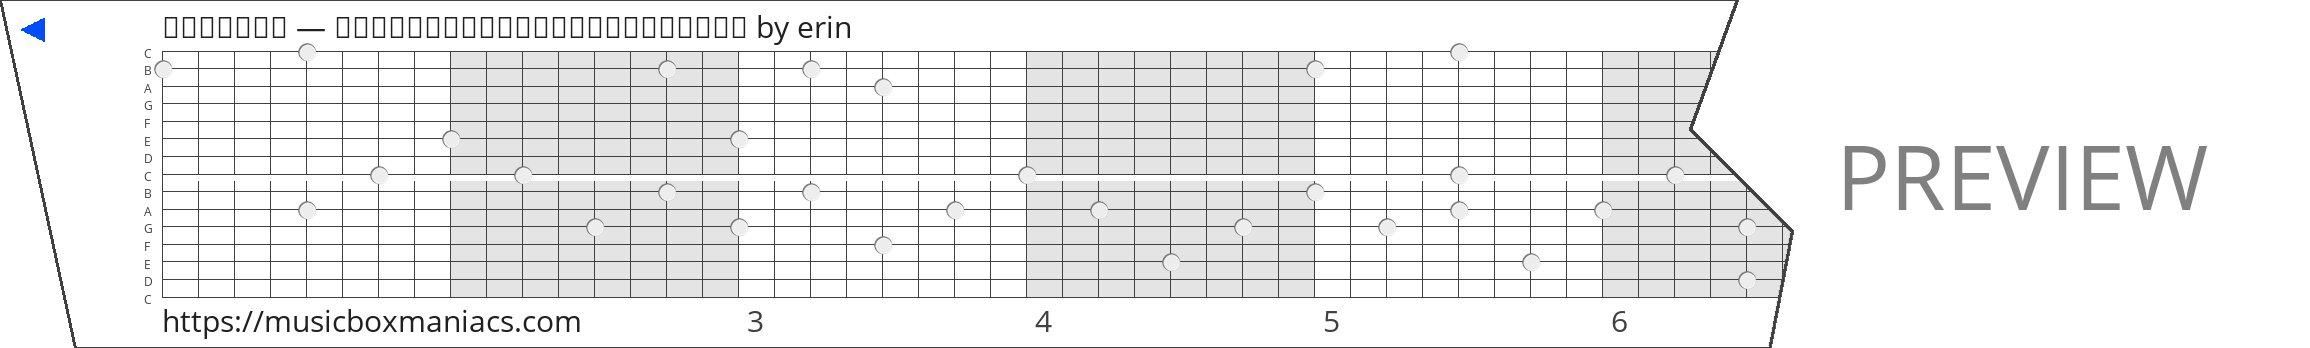 《心墙》任嘉伦 — 哥哥深情开唱《锦衣之下》片尾曲,太令人心动了! 15 note music box paper strip